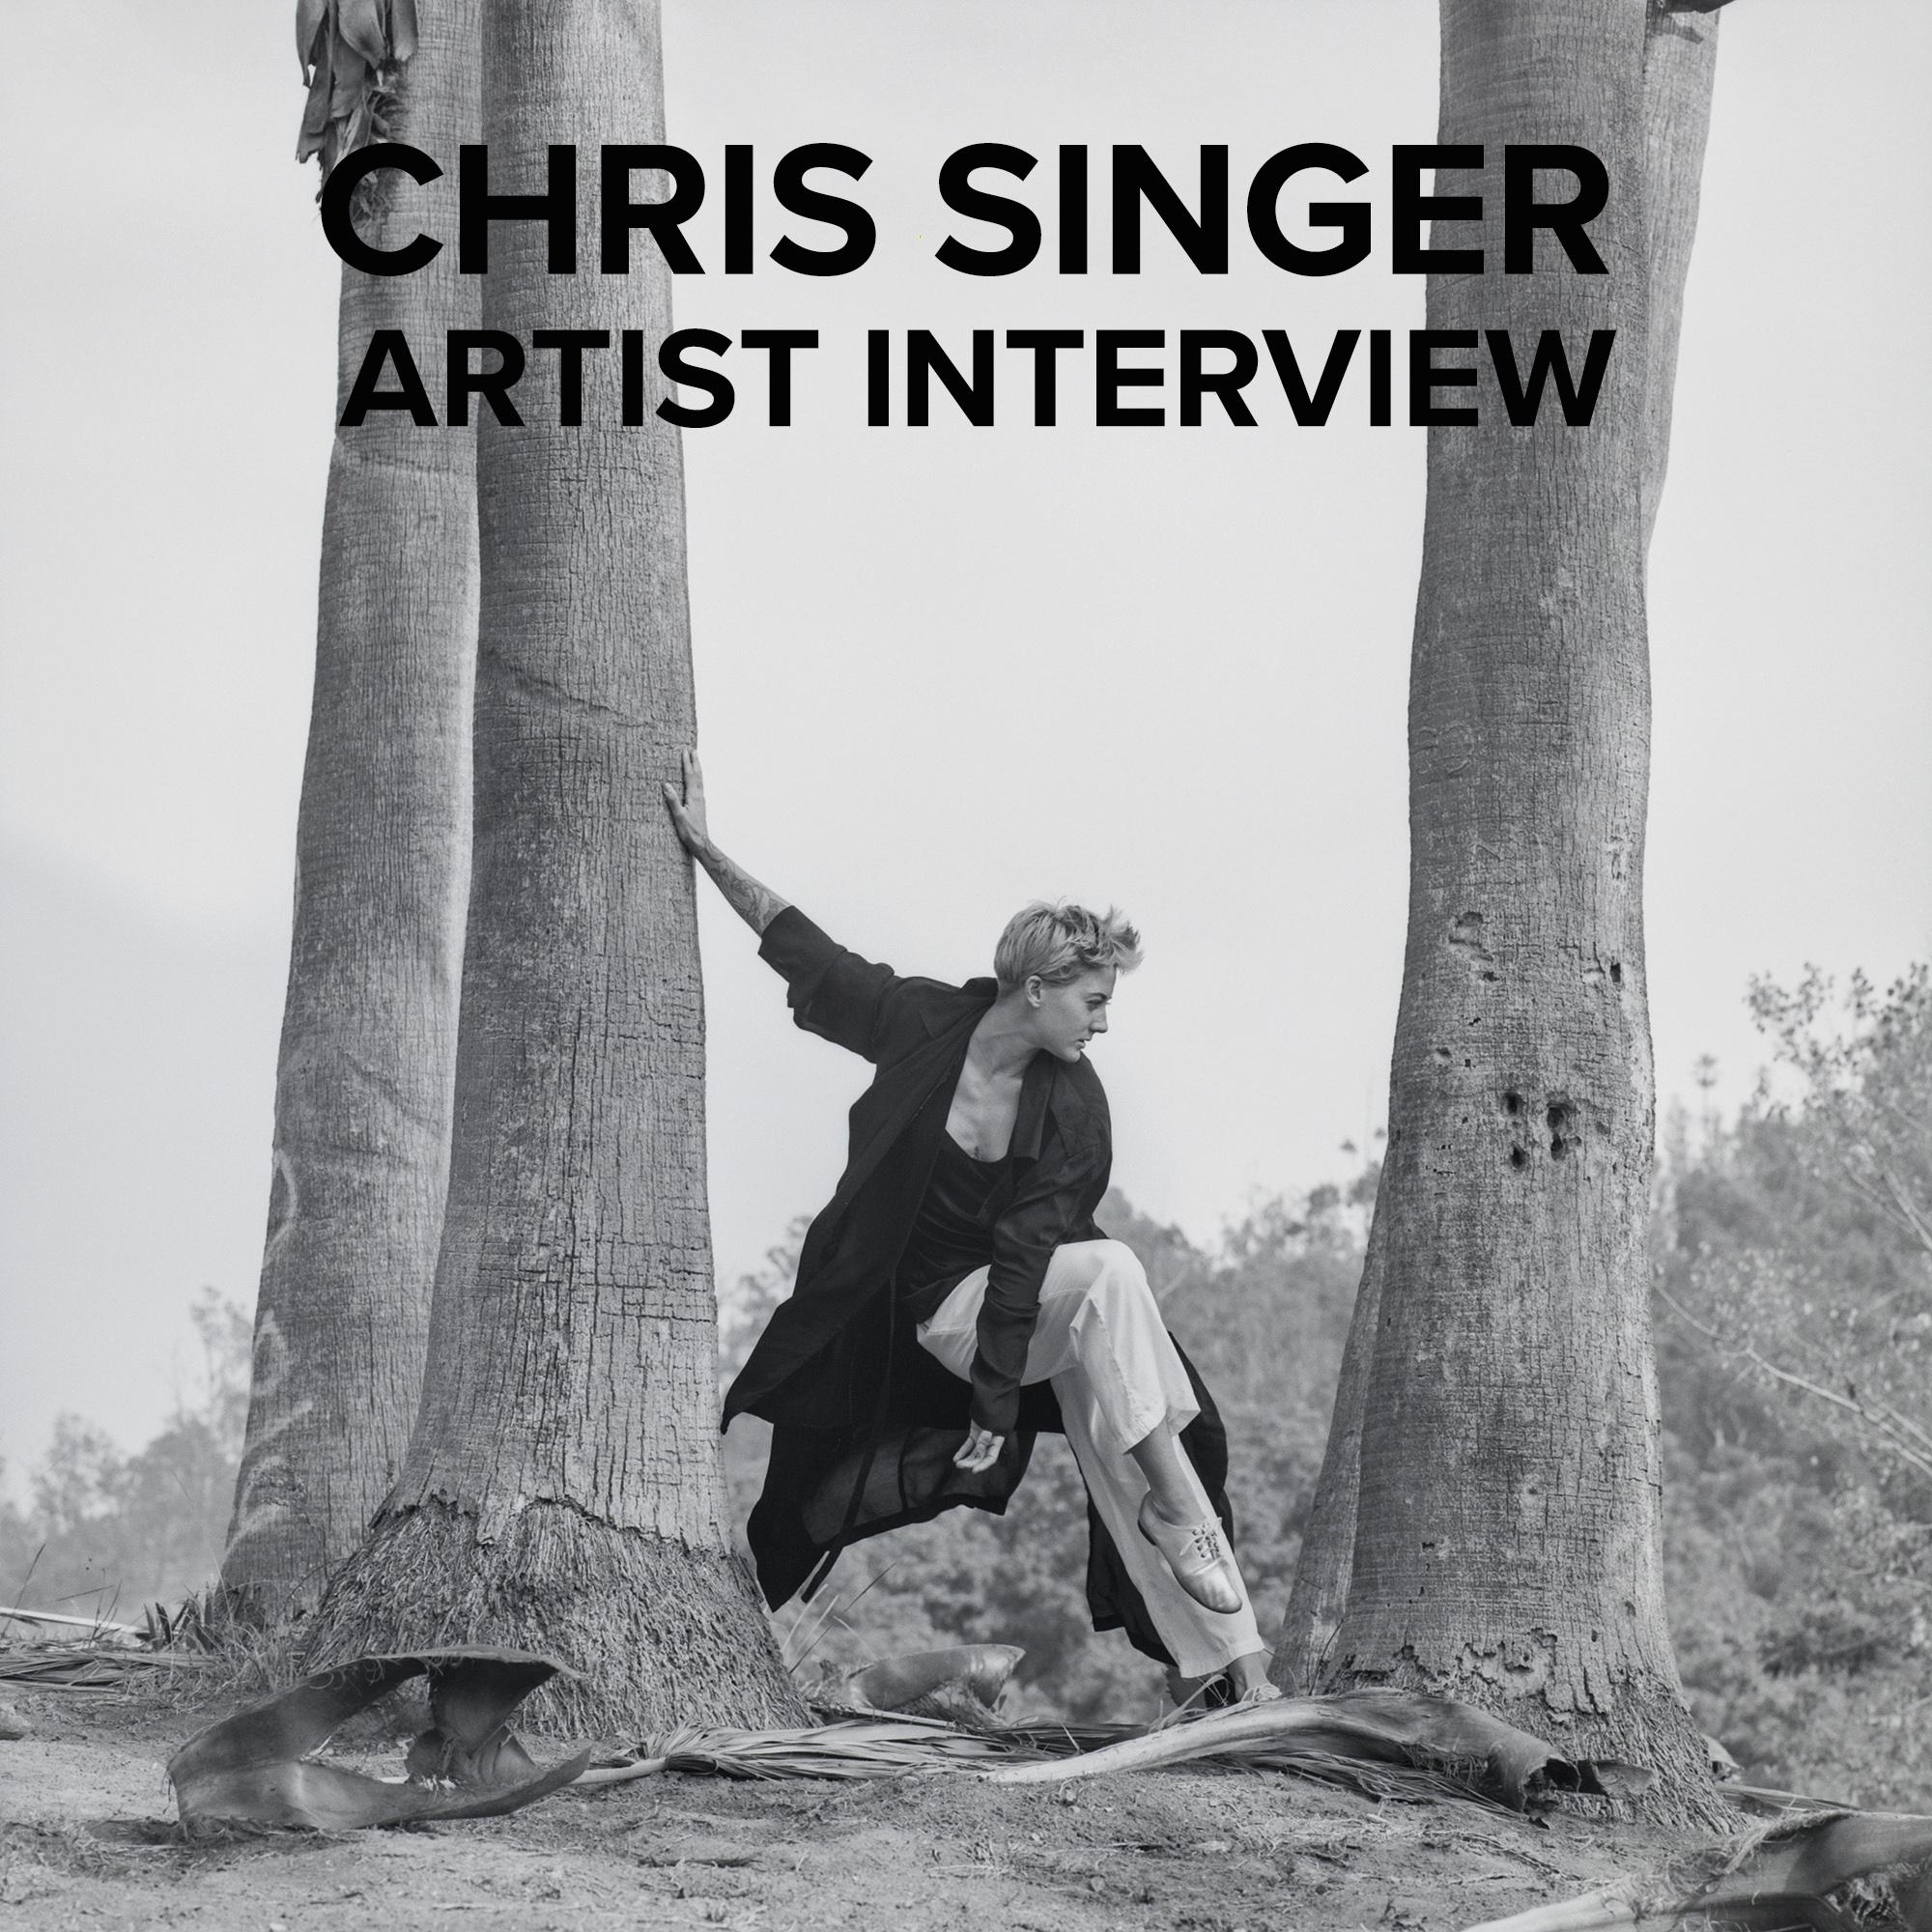 Lilly_Leithner015_ARTIST_INTERVIEW_CHRIS_SINGER.jpg